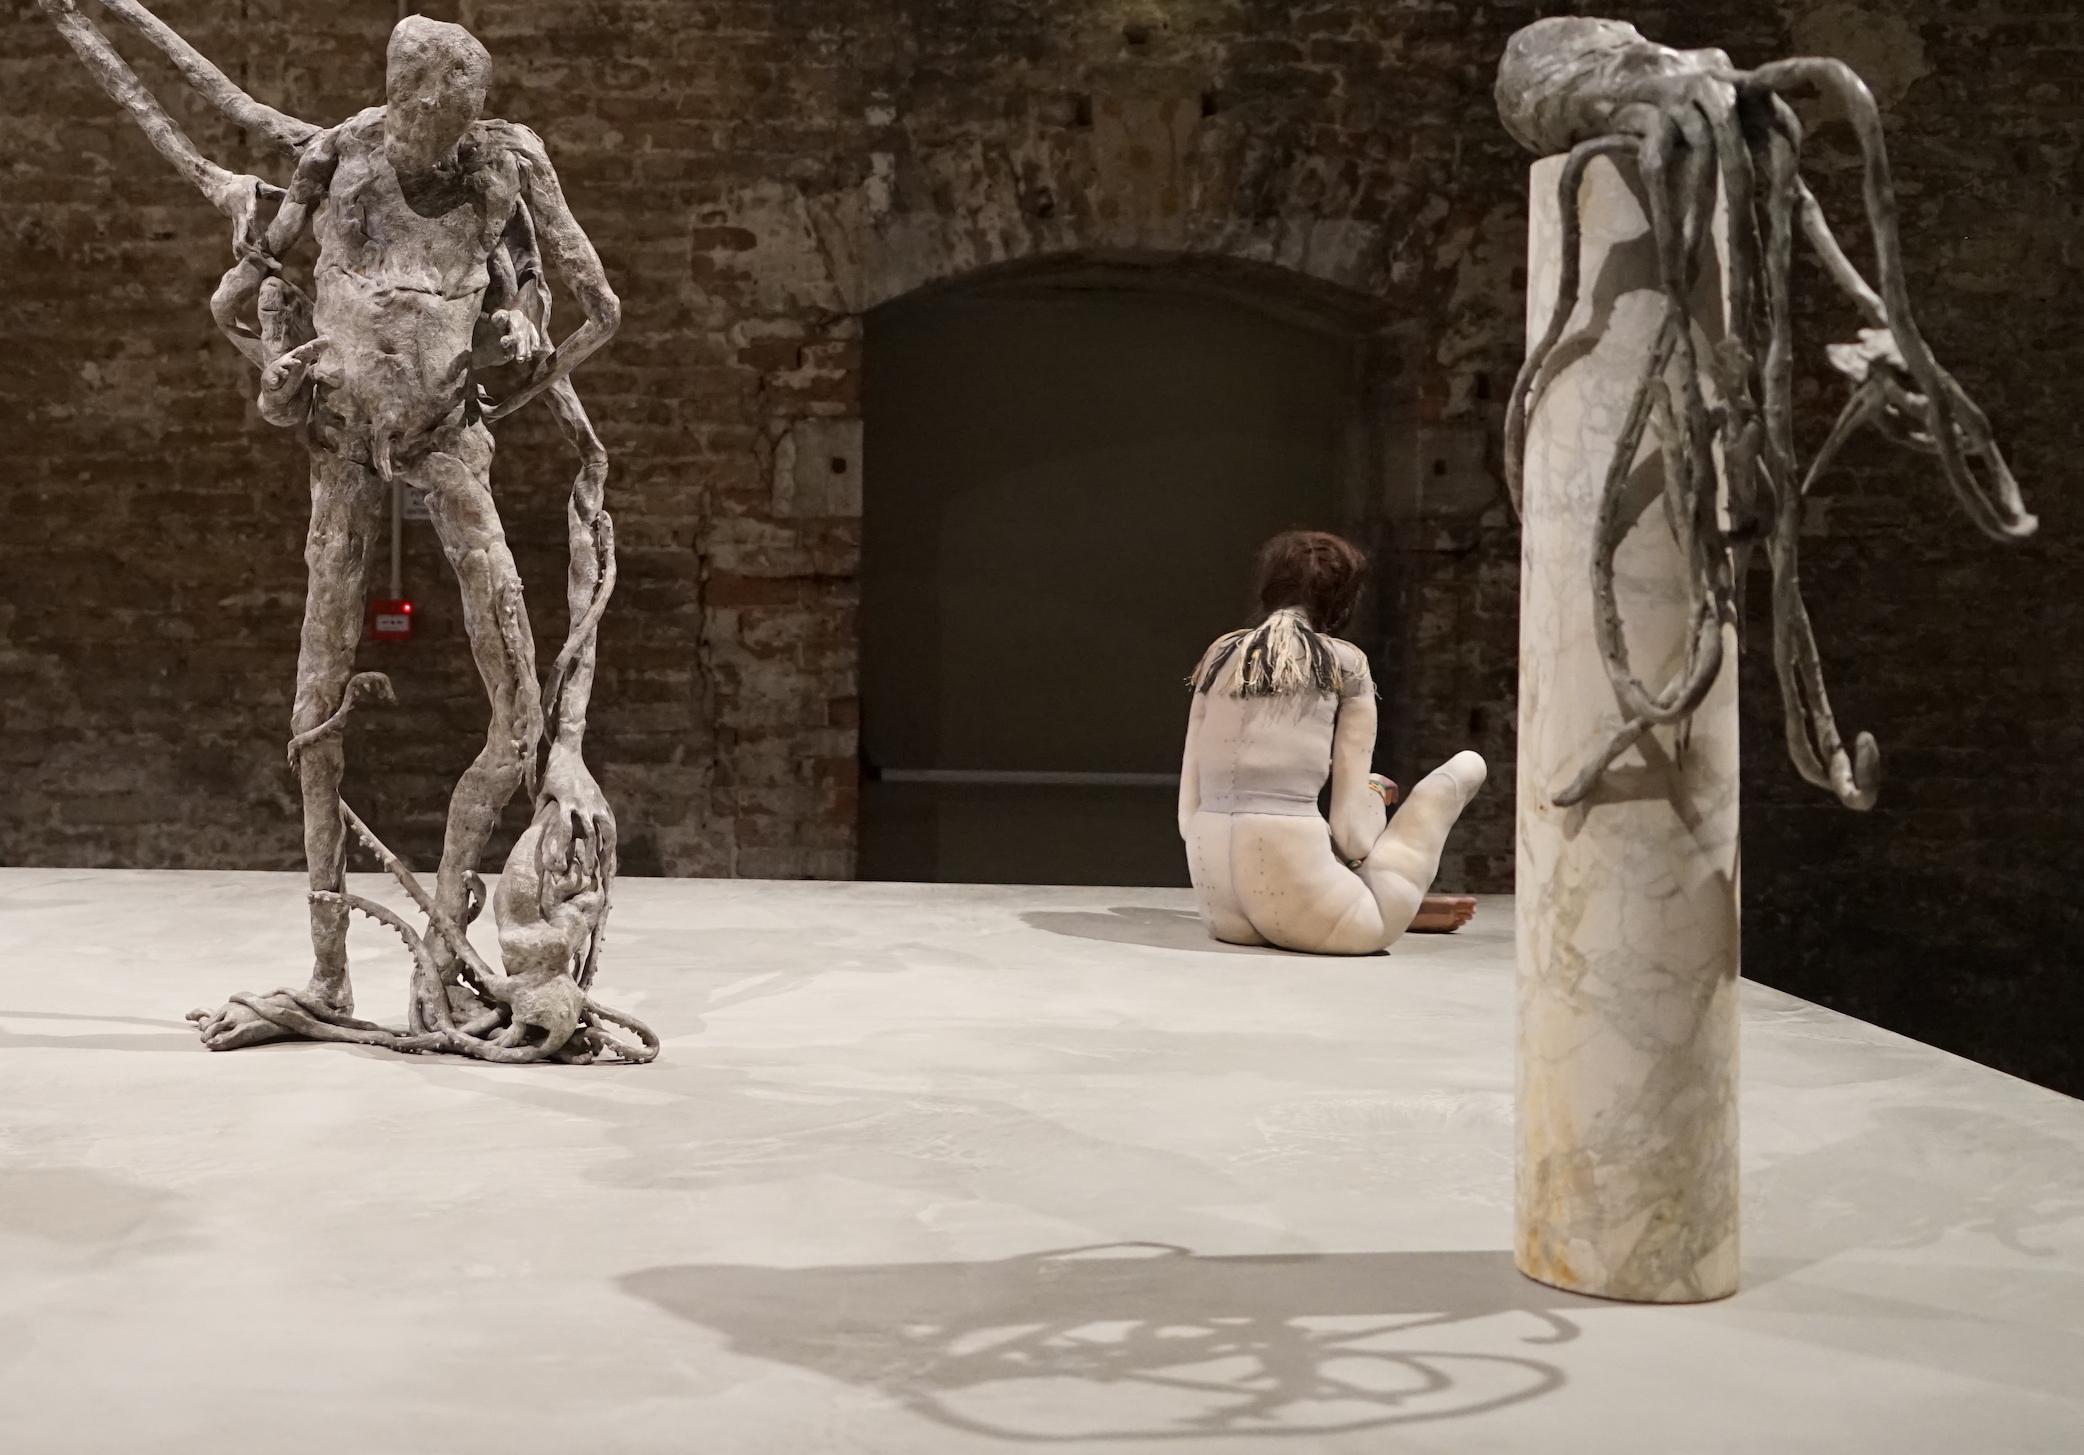 Francis_Biennale di Venezia_Sabina3.JPG